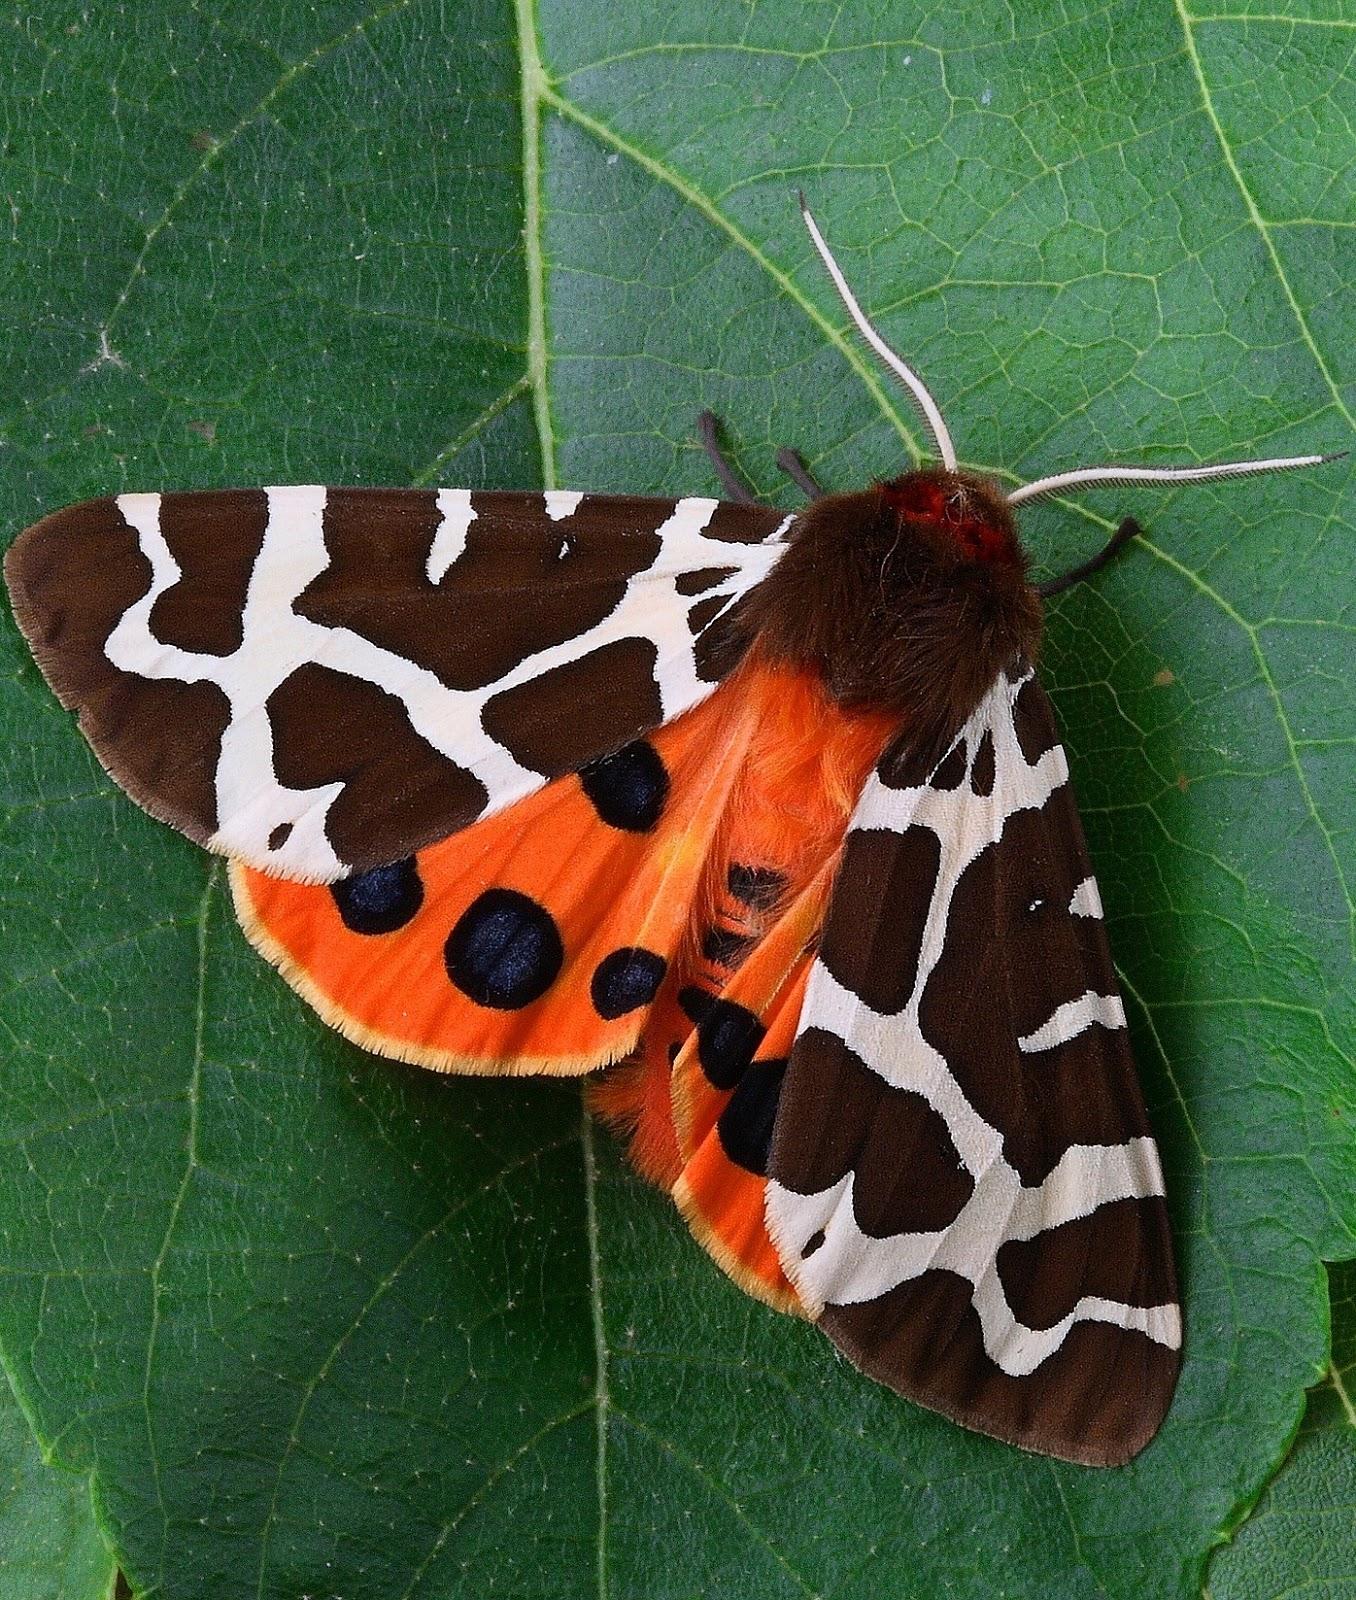 A garden tiger moth on a green leaf.